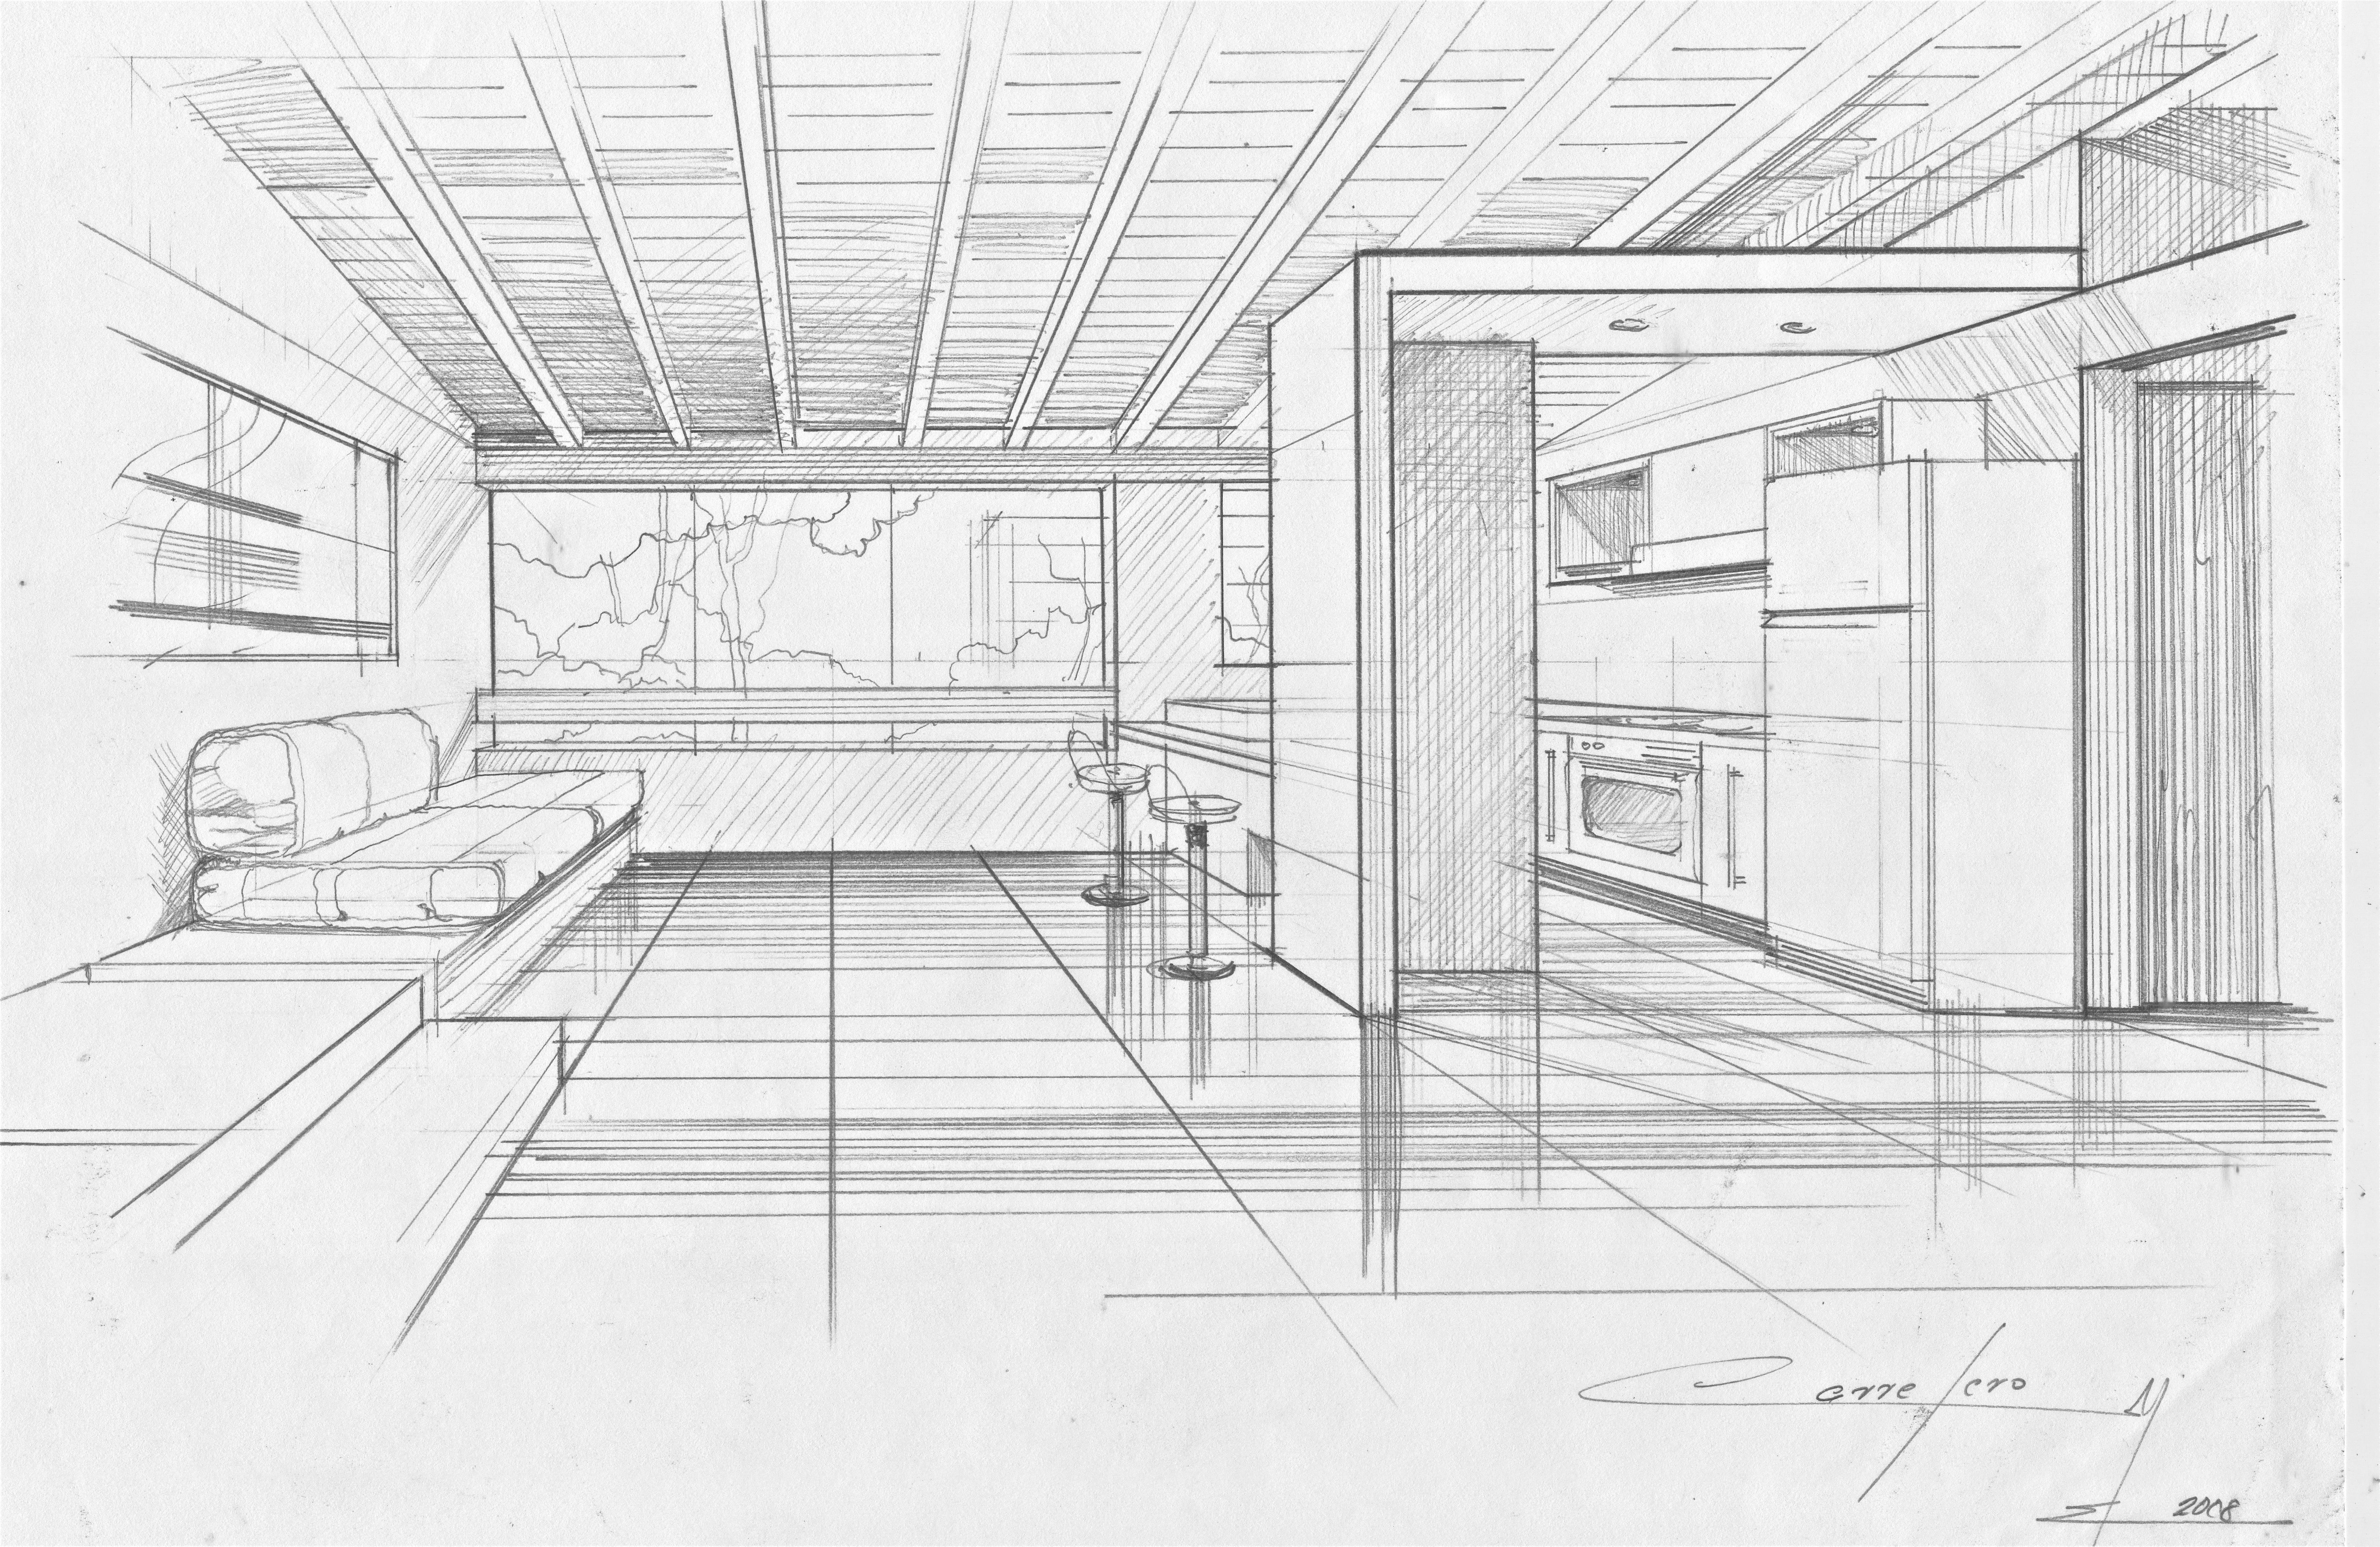 Qu hacemos en t remodela t remodela for Dibujo de una oficina moderna